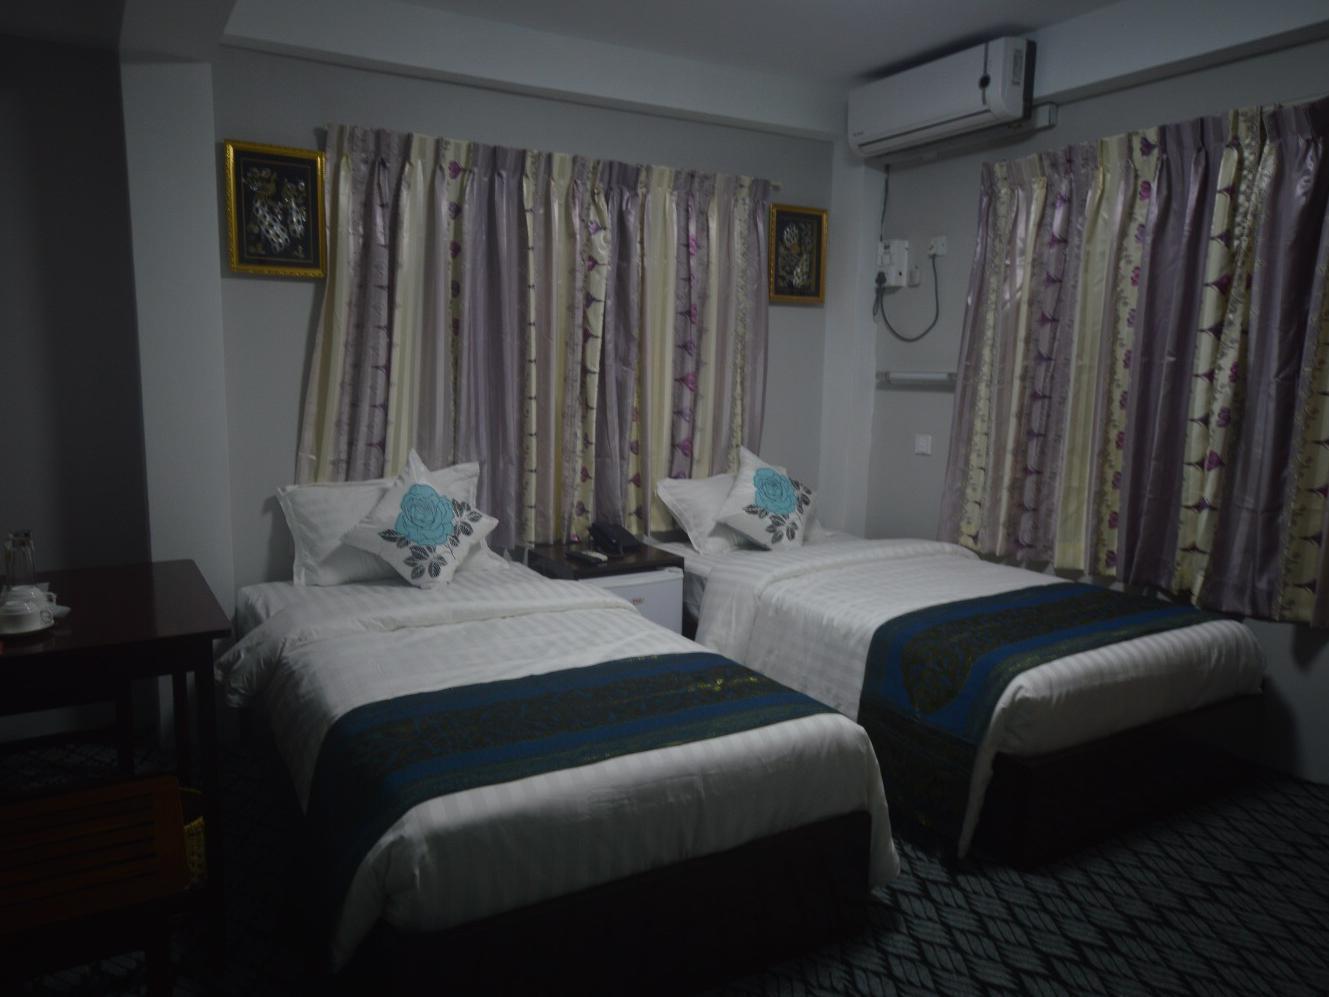 モーニング デュー ベッド アンド ブレックファースト11